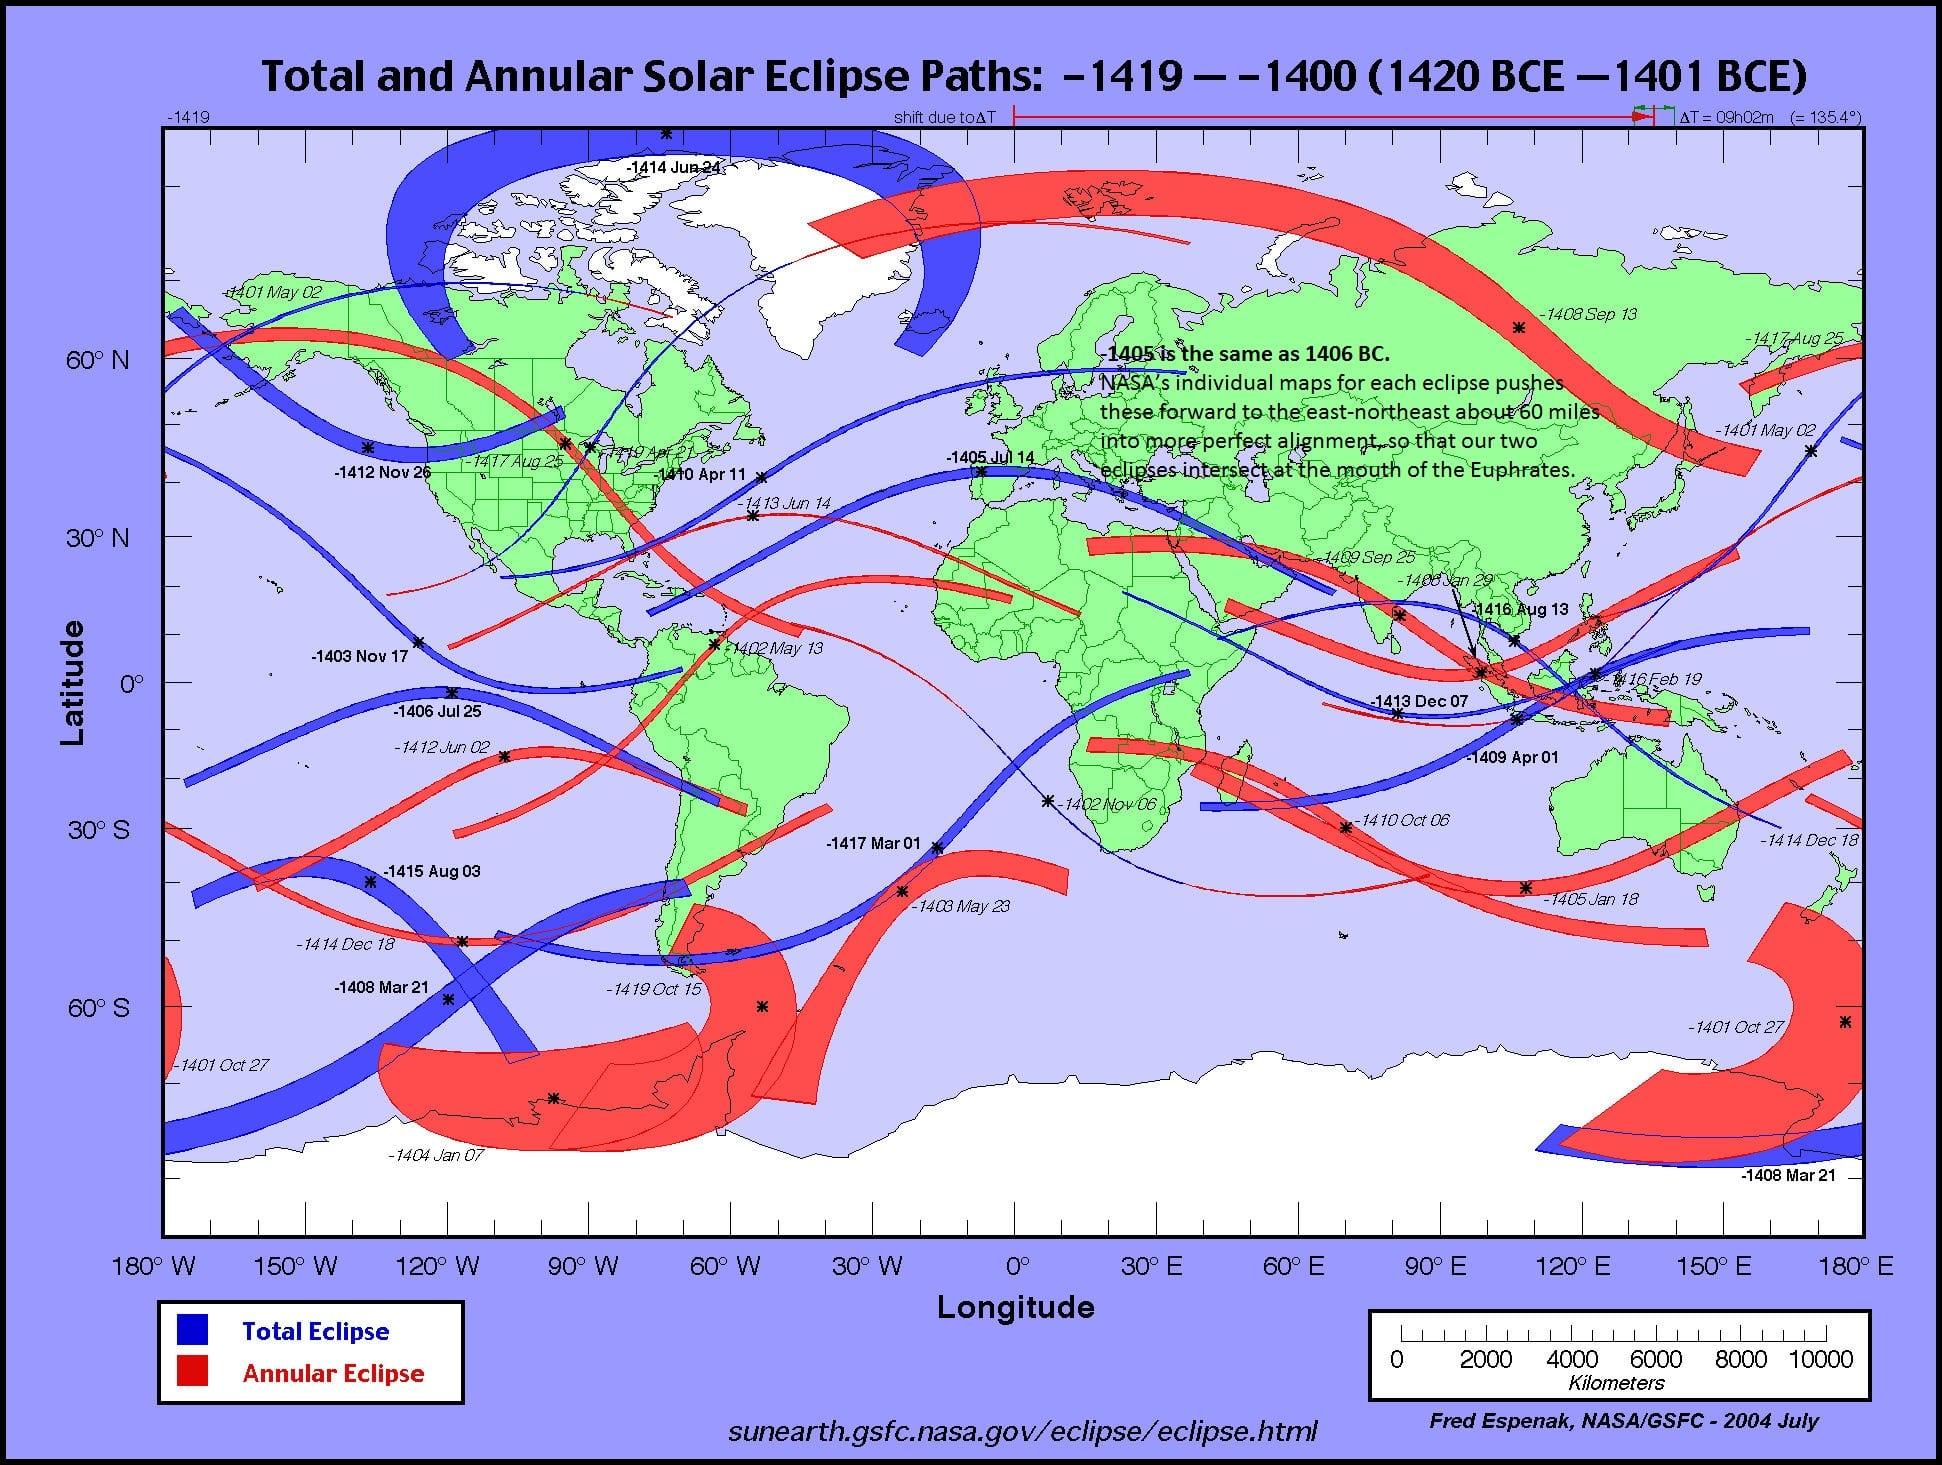 2017 solar eclipse archives 1260d com